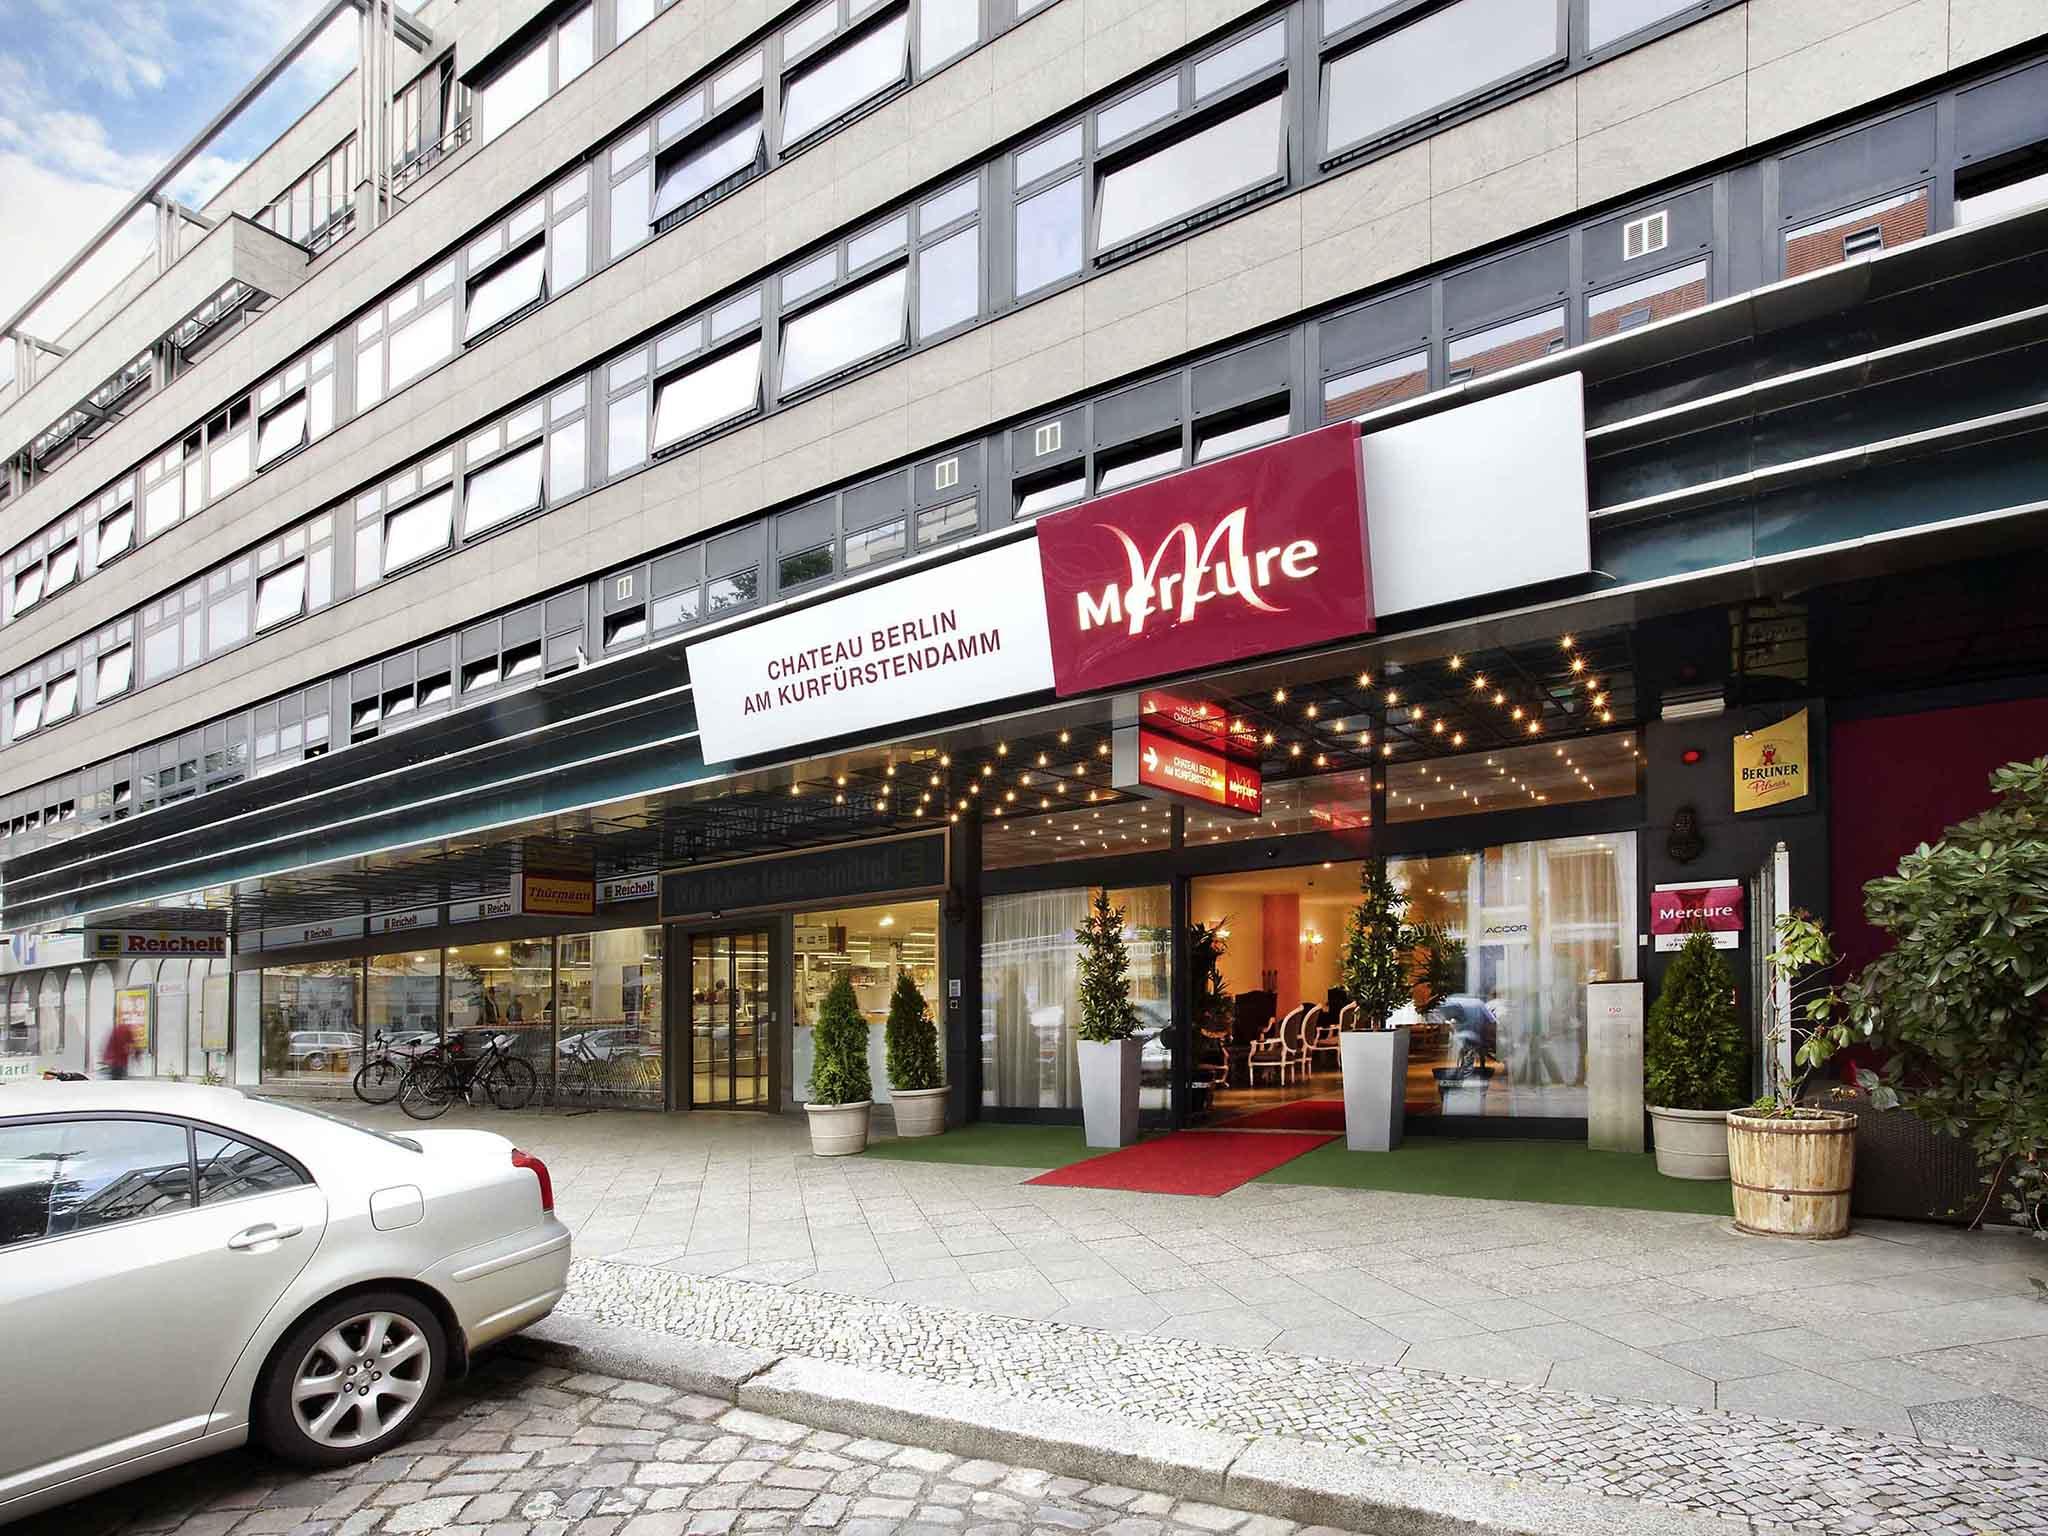 ホテル – メルキュールホテルシャトーベルリンアムクアフュルステンダム